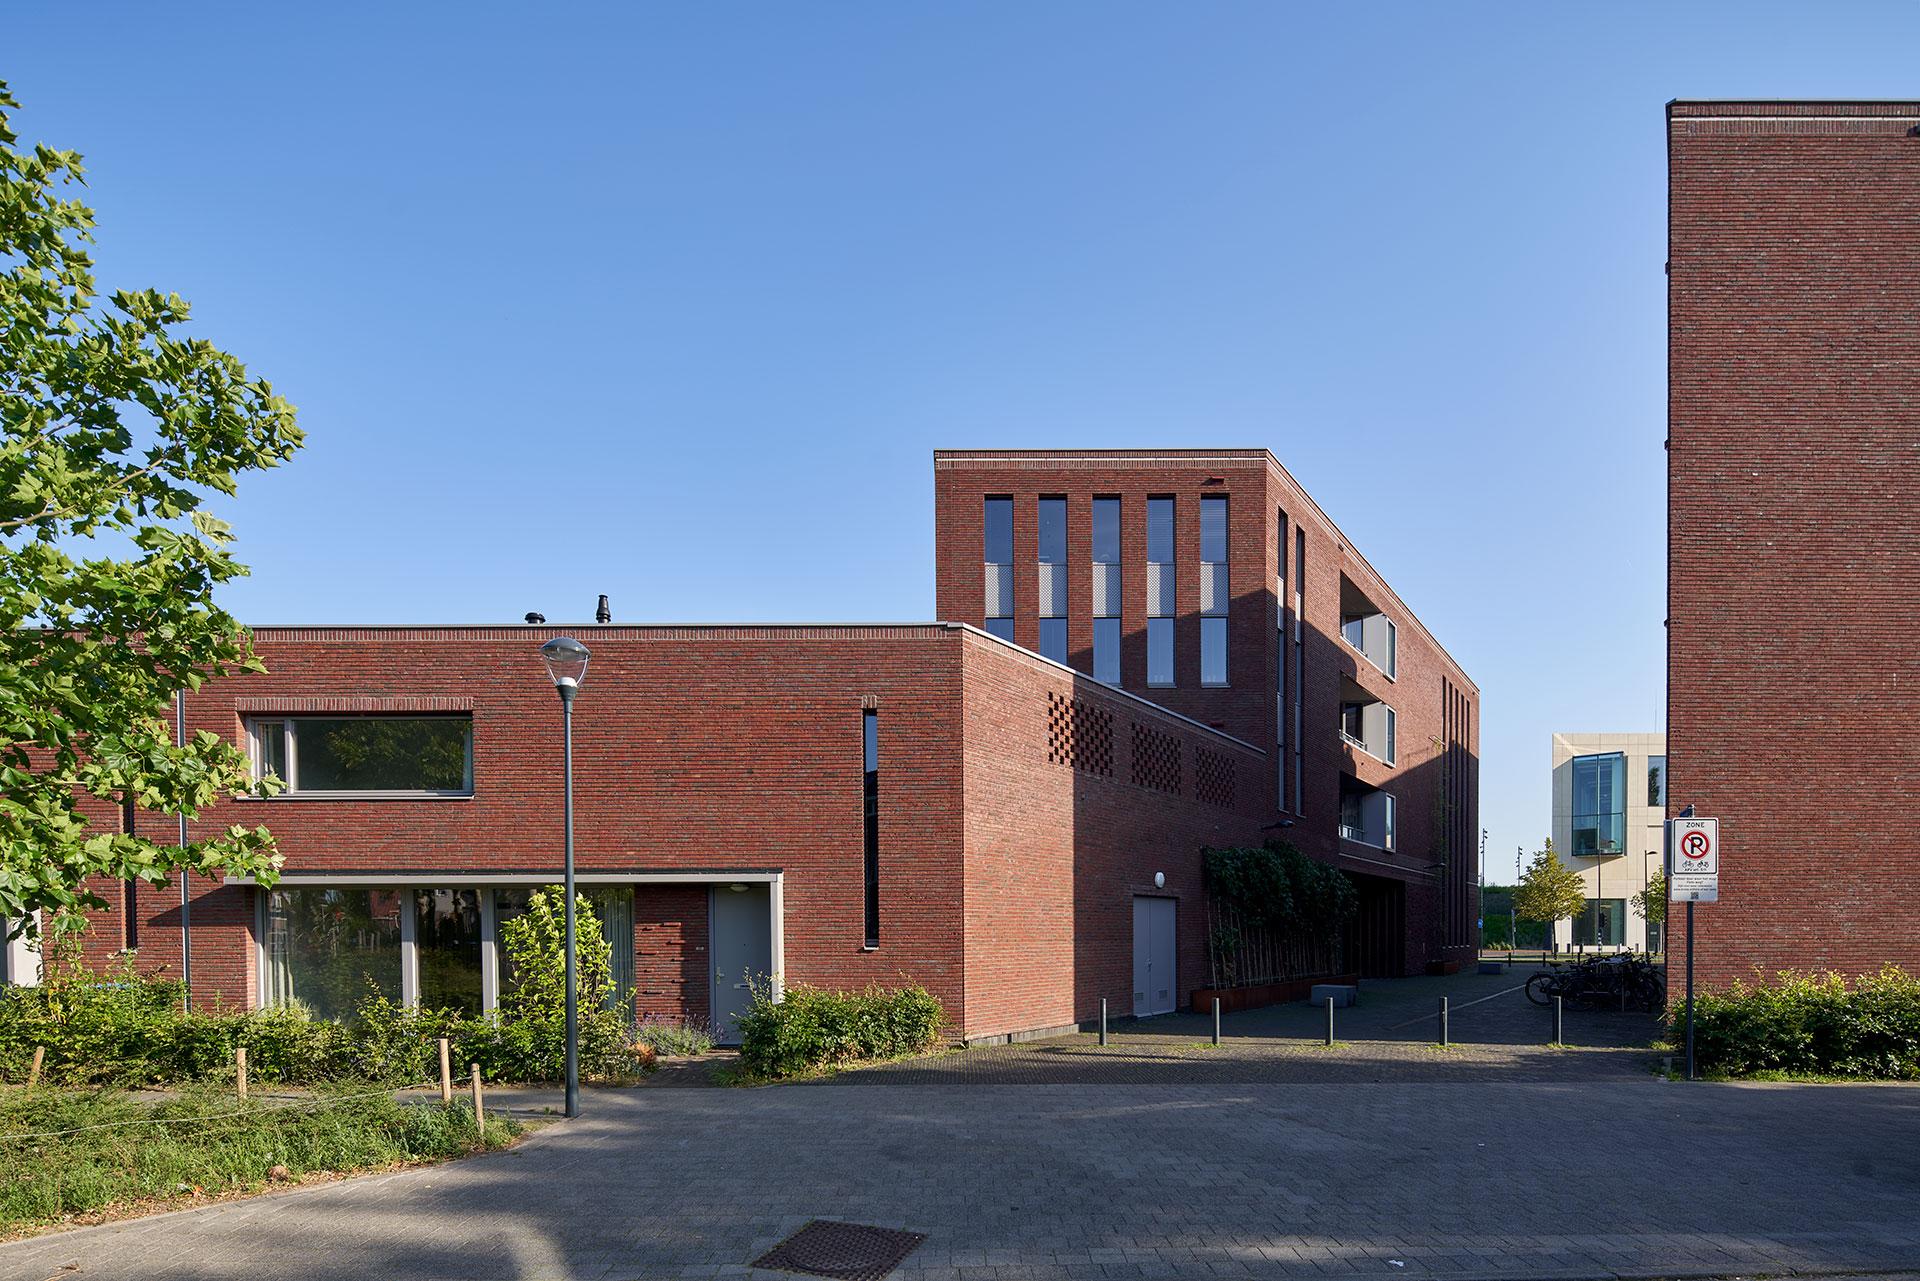 <p>DAT &#8211; Via Breda Spoorzone, foto: René de Wit</p>